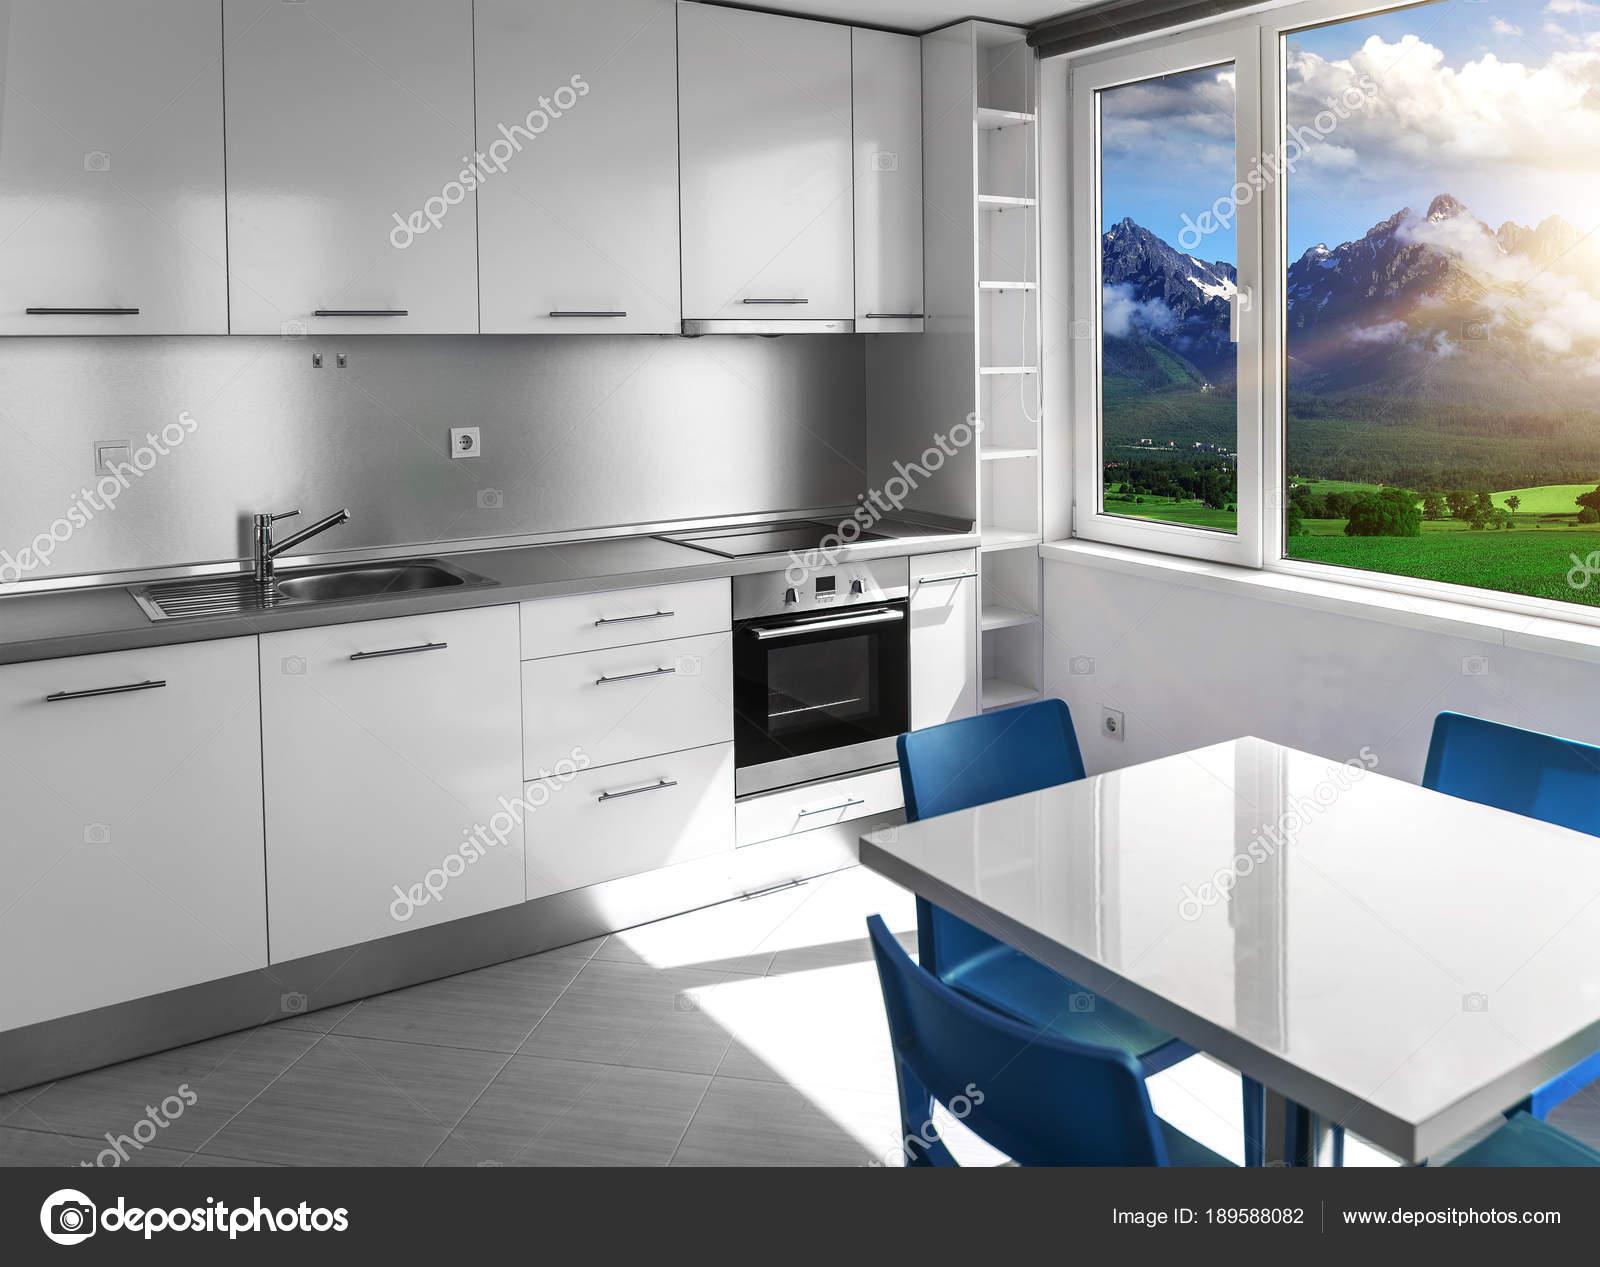 Cucina con mobili bianchi e finestre con paesaggio di montagna ...